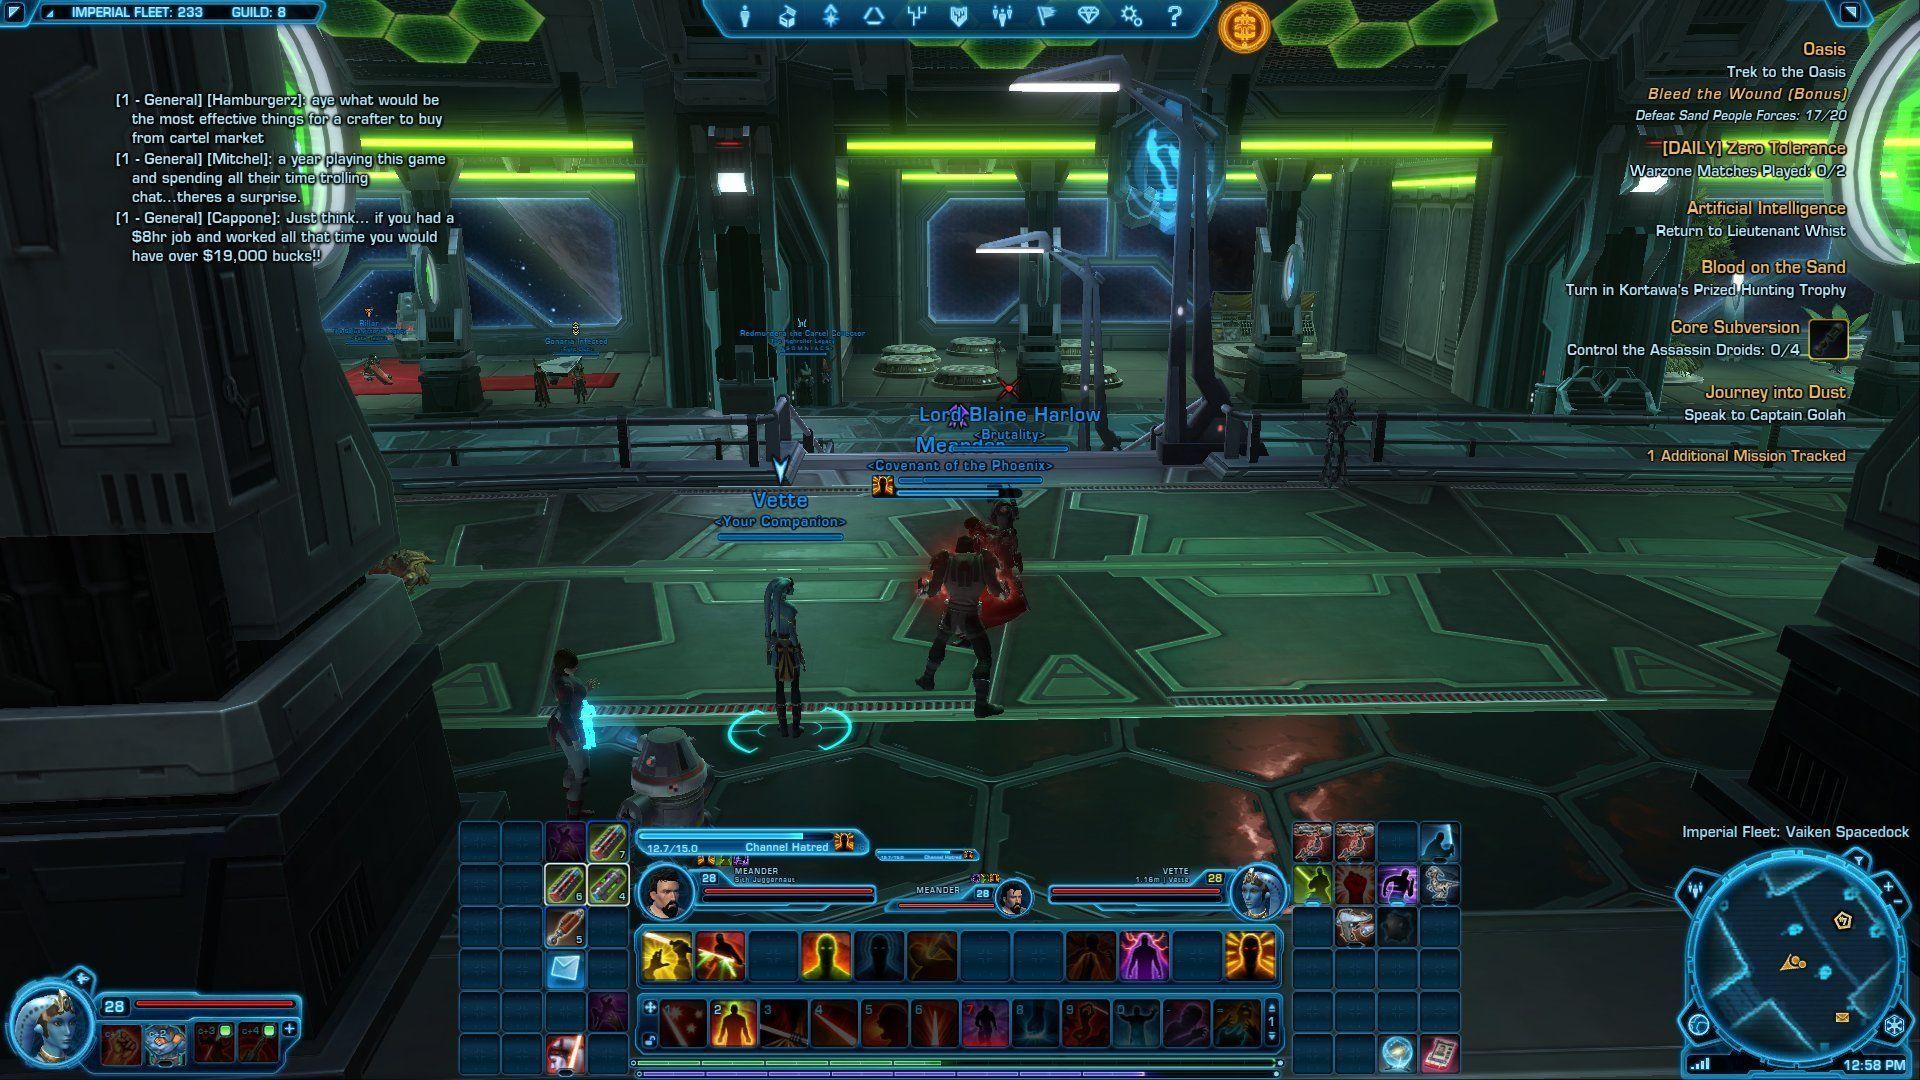 http://phoenixrun.game-host.org/images/swtor/hud1.jpg